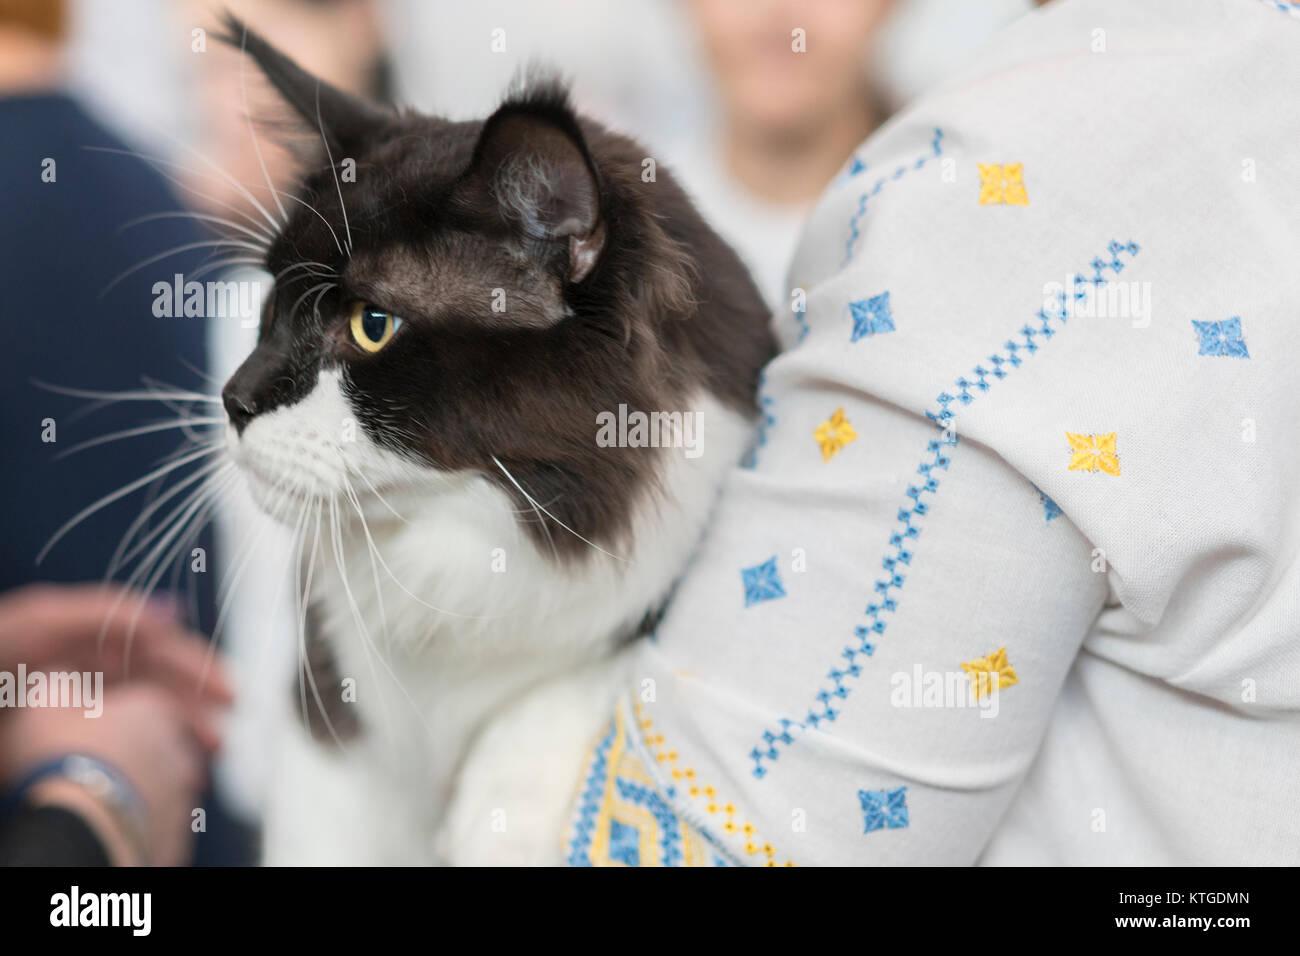 Senior Woman Pet Cat Sitting Stock Photos Amp Senior Woman Pet Cat Sitting Stock Images